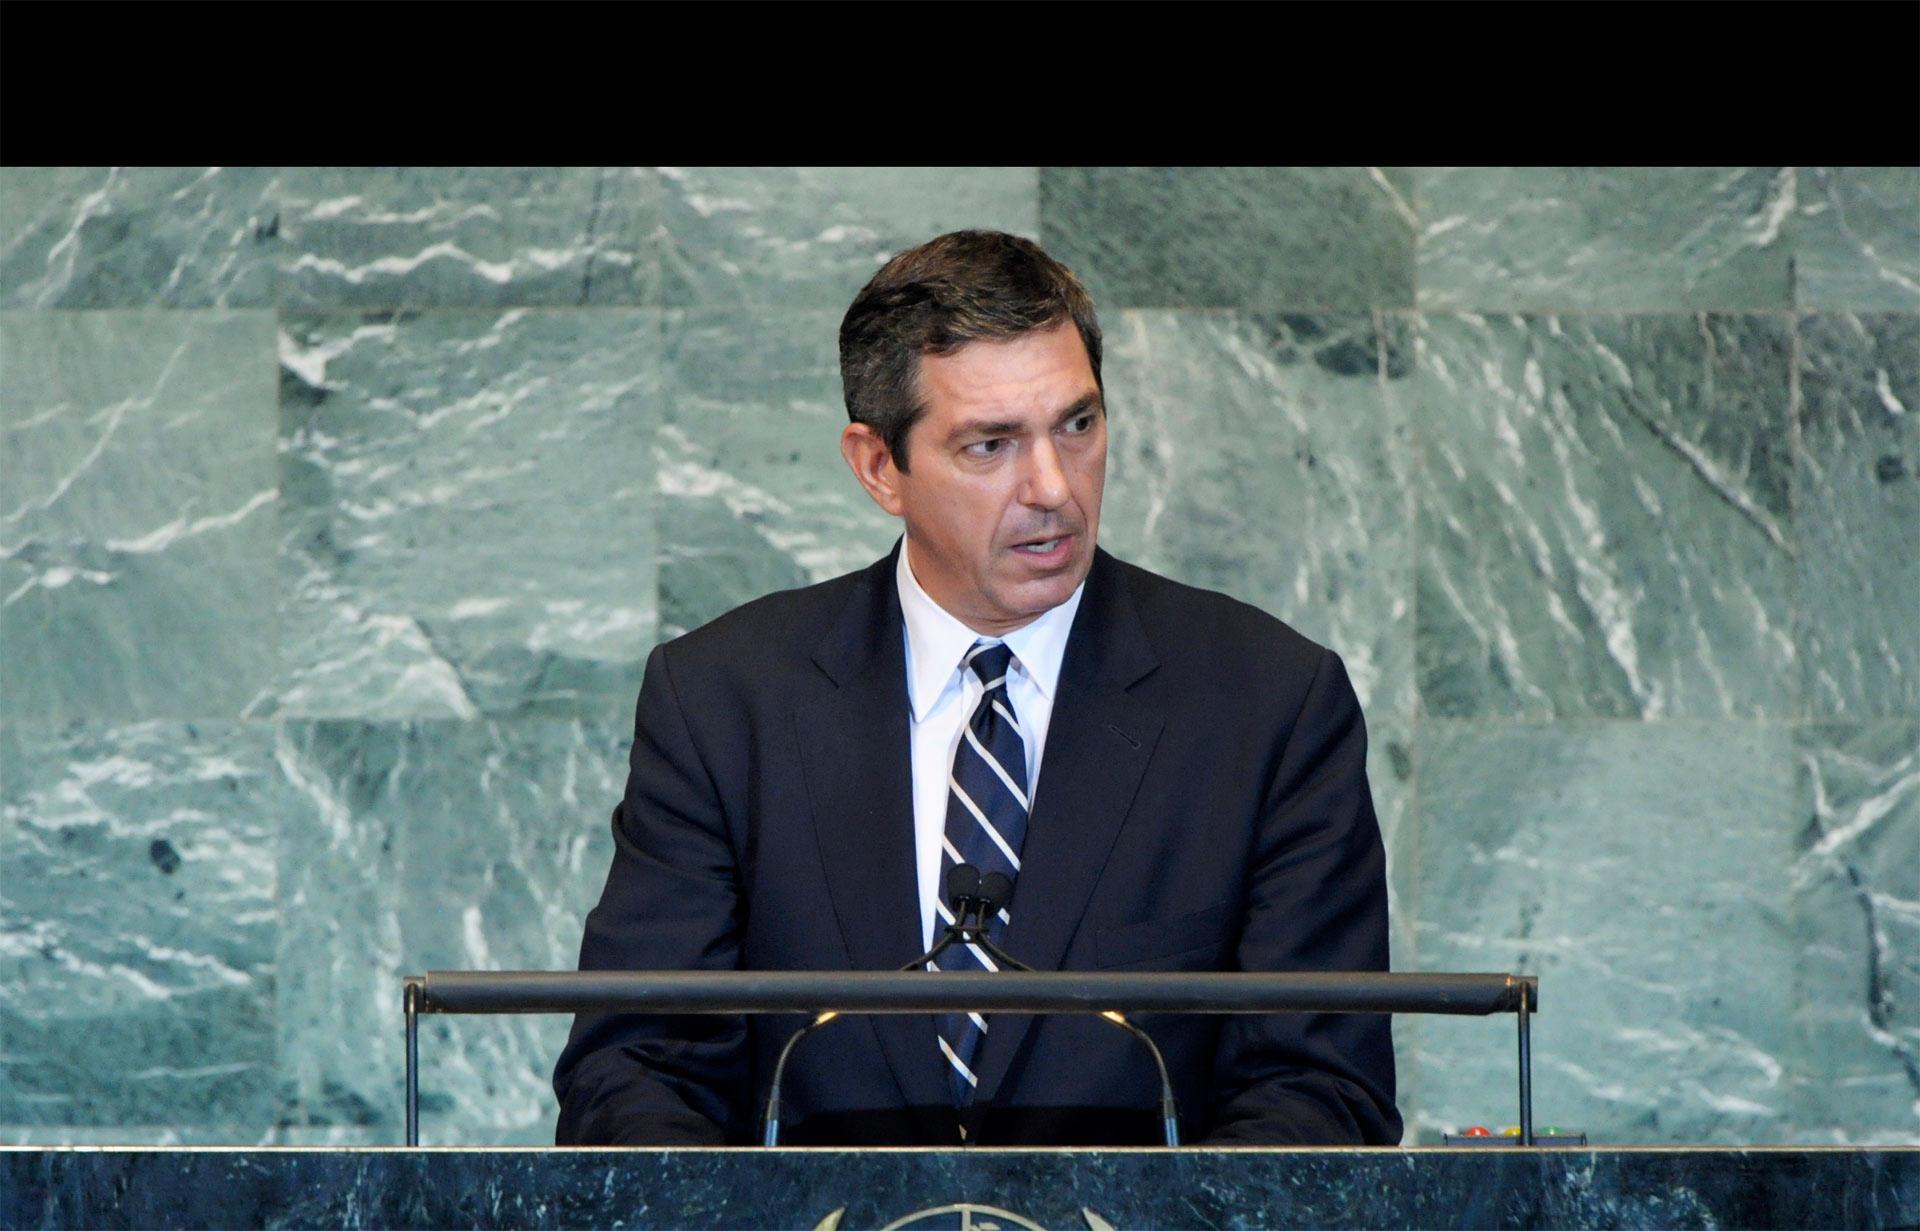 Delegaciones de ambos frentes se reunieron en la isla, informó el Ministerio de Relaciones Exteriores